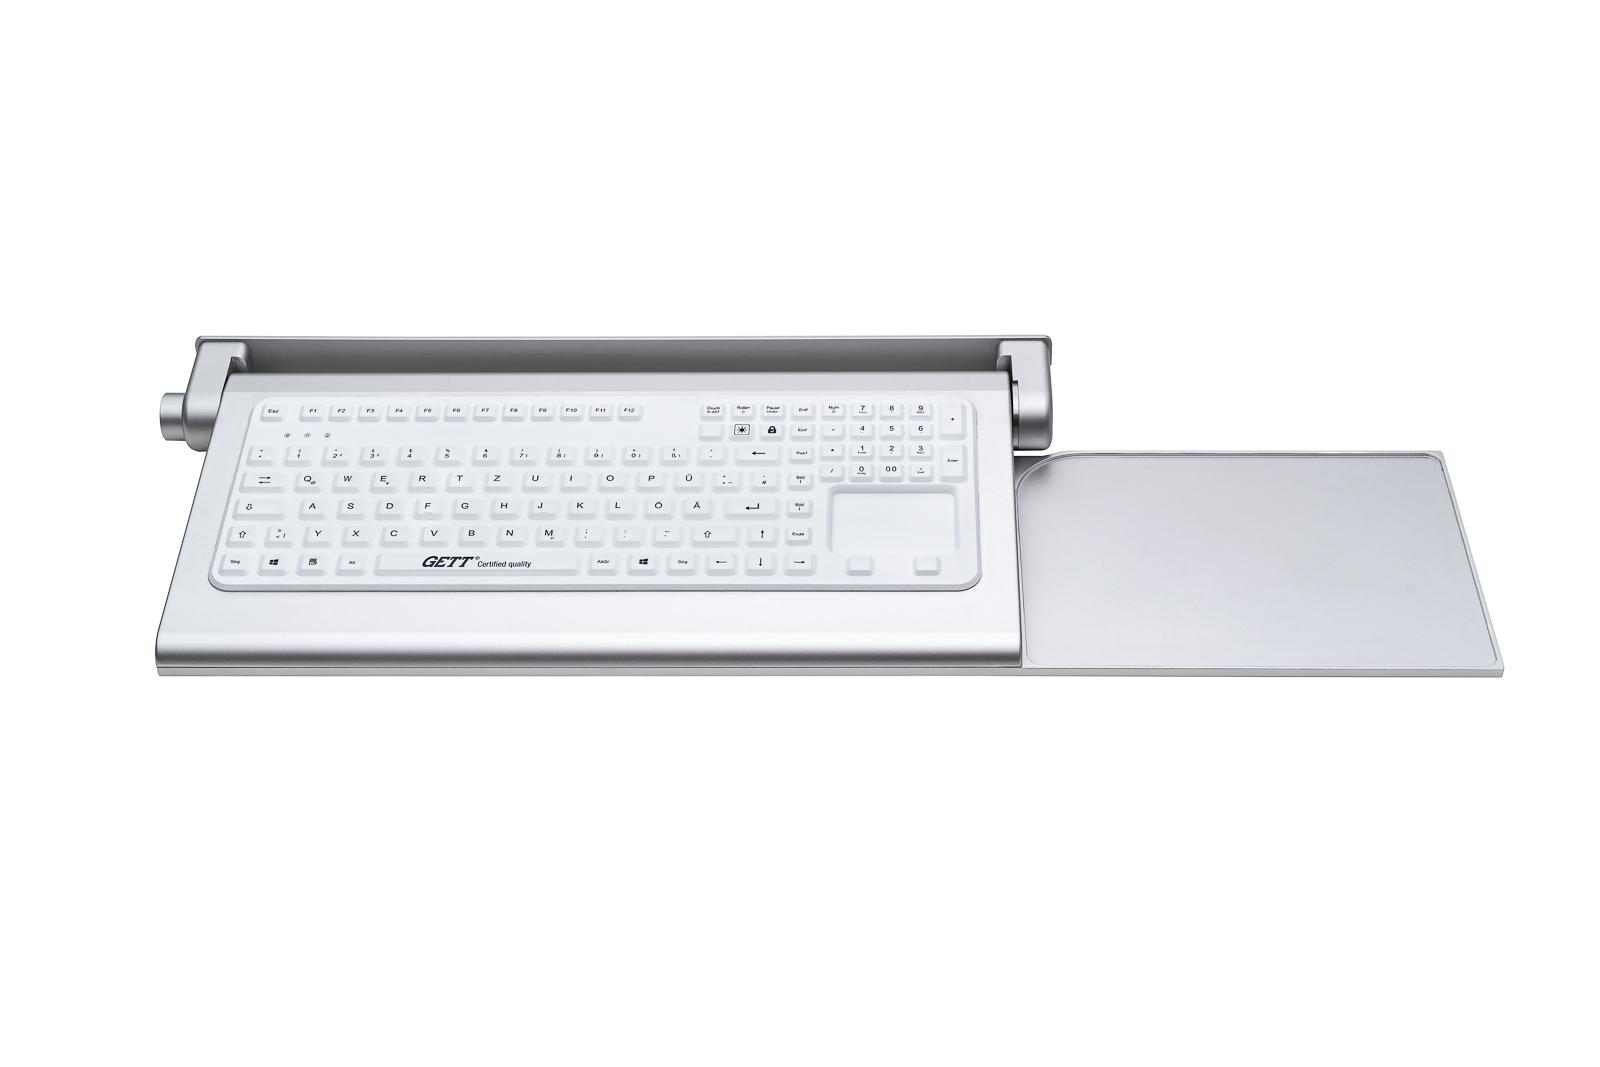 Silikontastatur in klappbarem Aluminium-Panel